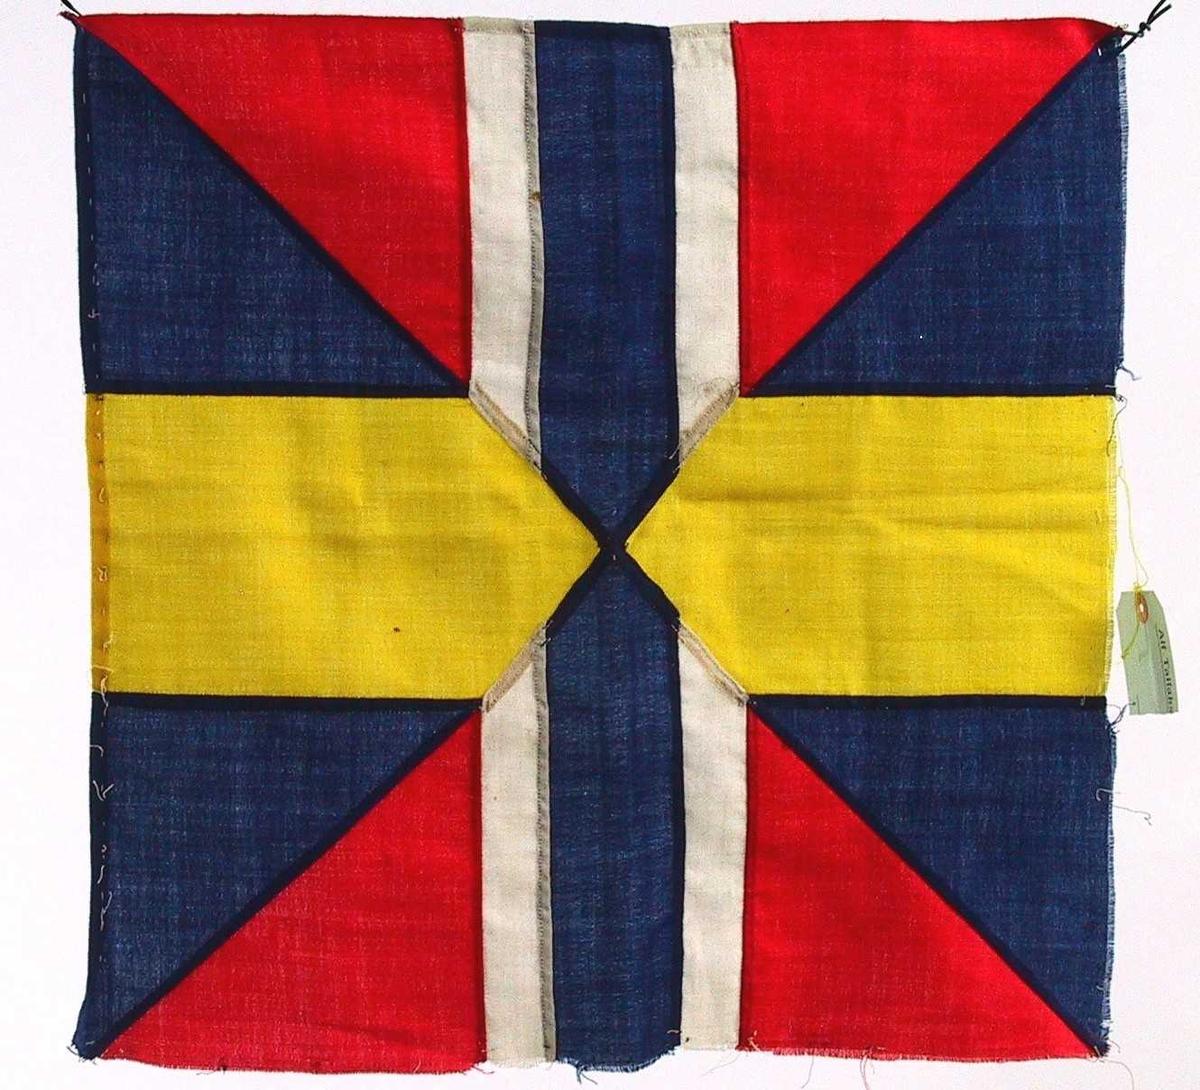 Kvadratisk fragment av norsk (eller svensk) flagg fra unionstiden. Unionsmerke eller sildesalat.  Tydelig avsprettet fra et stort flagg.